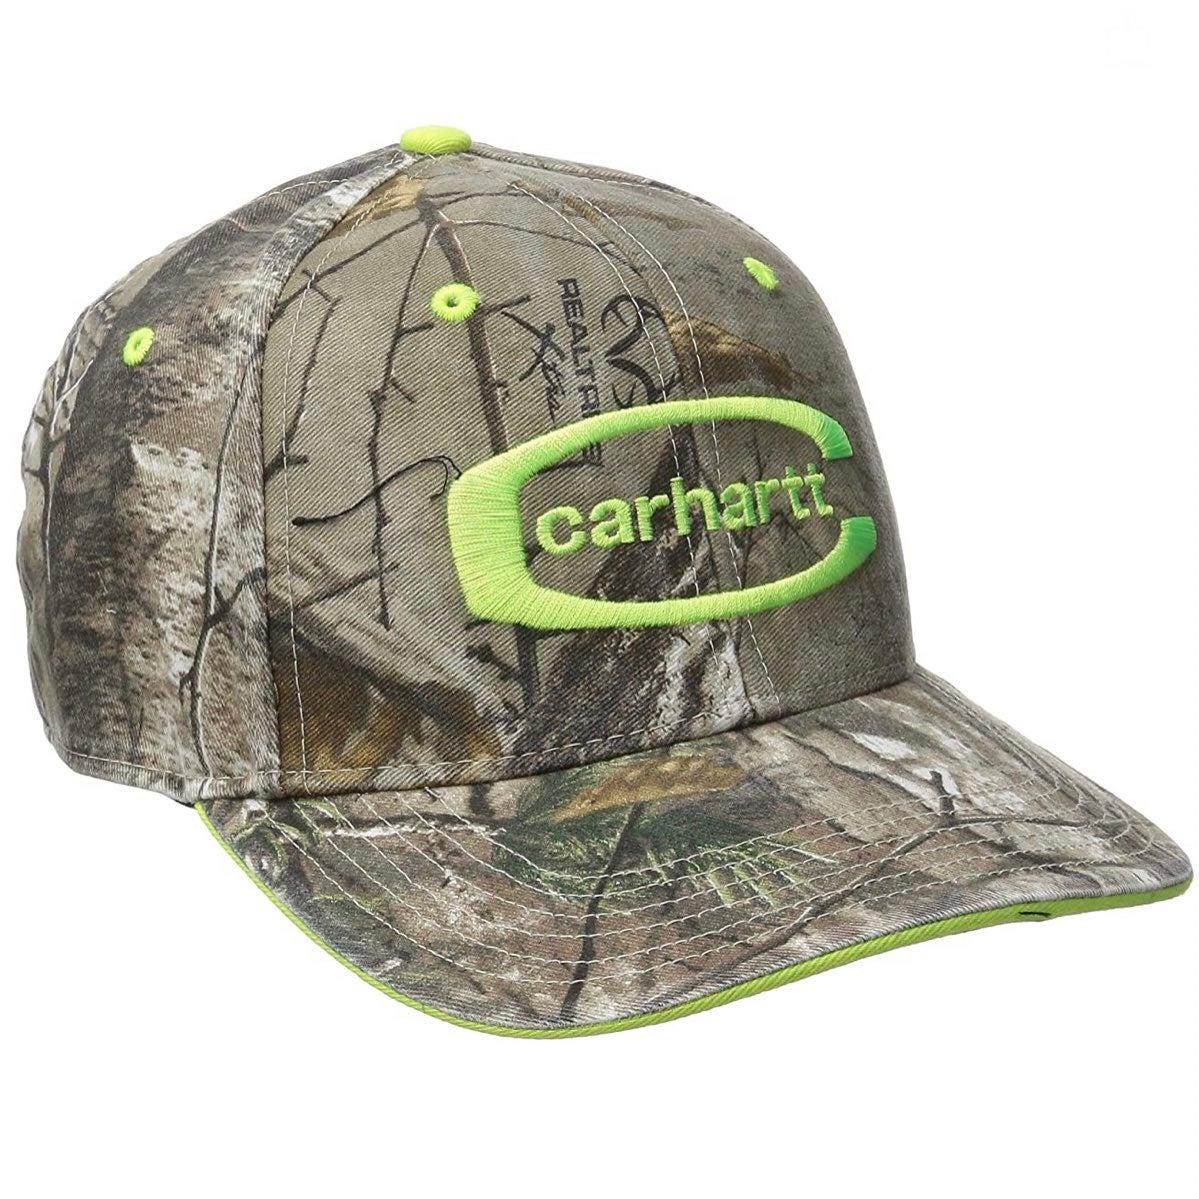 NWT Carhartt Men's Midland Cap